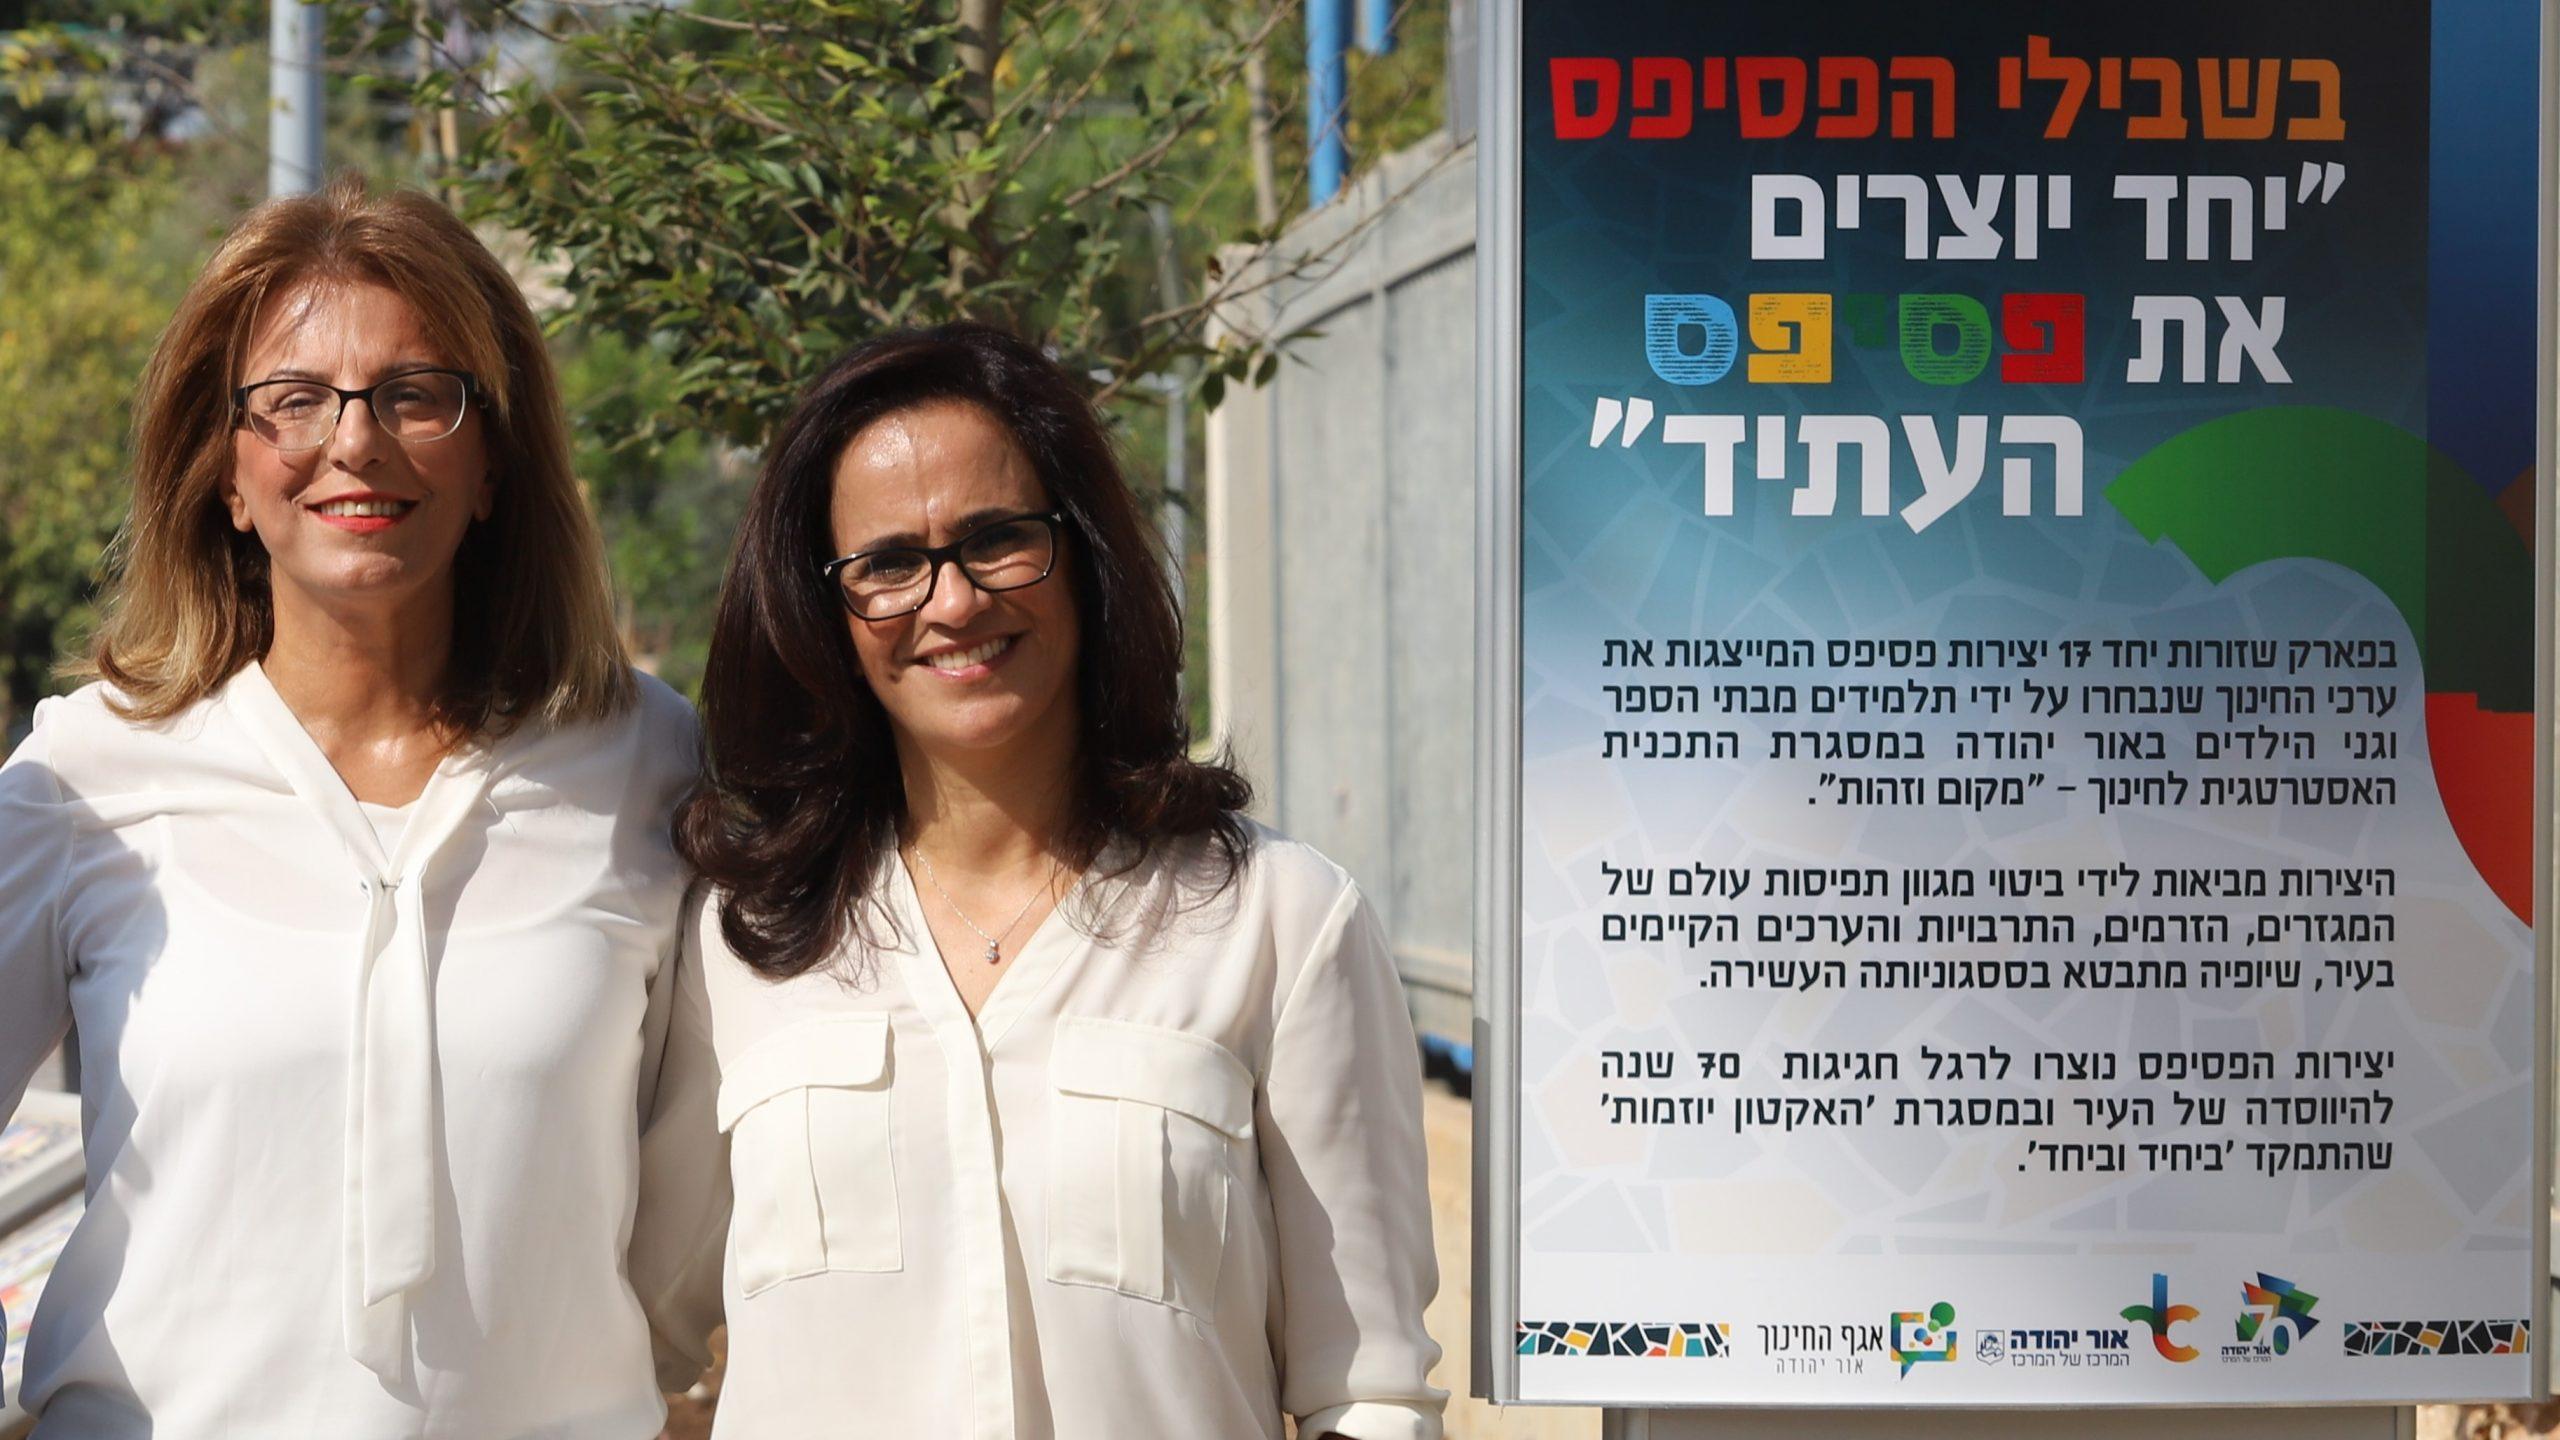 דלילה אשכנזי עם ראש העיר ליאת שוחט בשדרת הפסיפס שנחנכה השנה